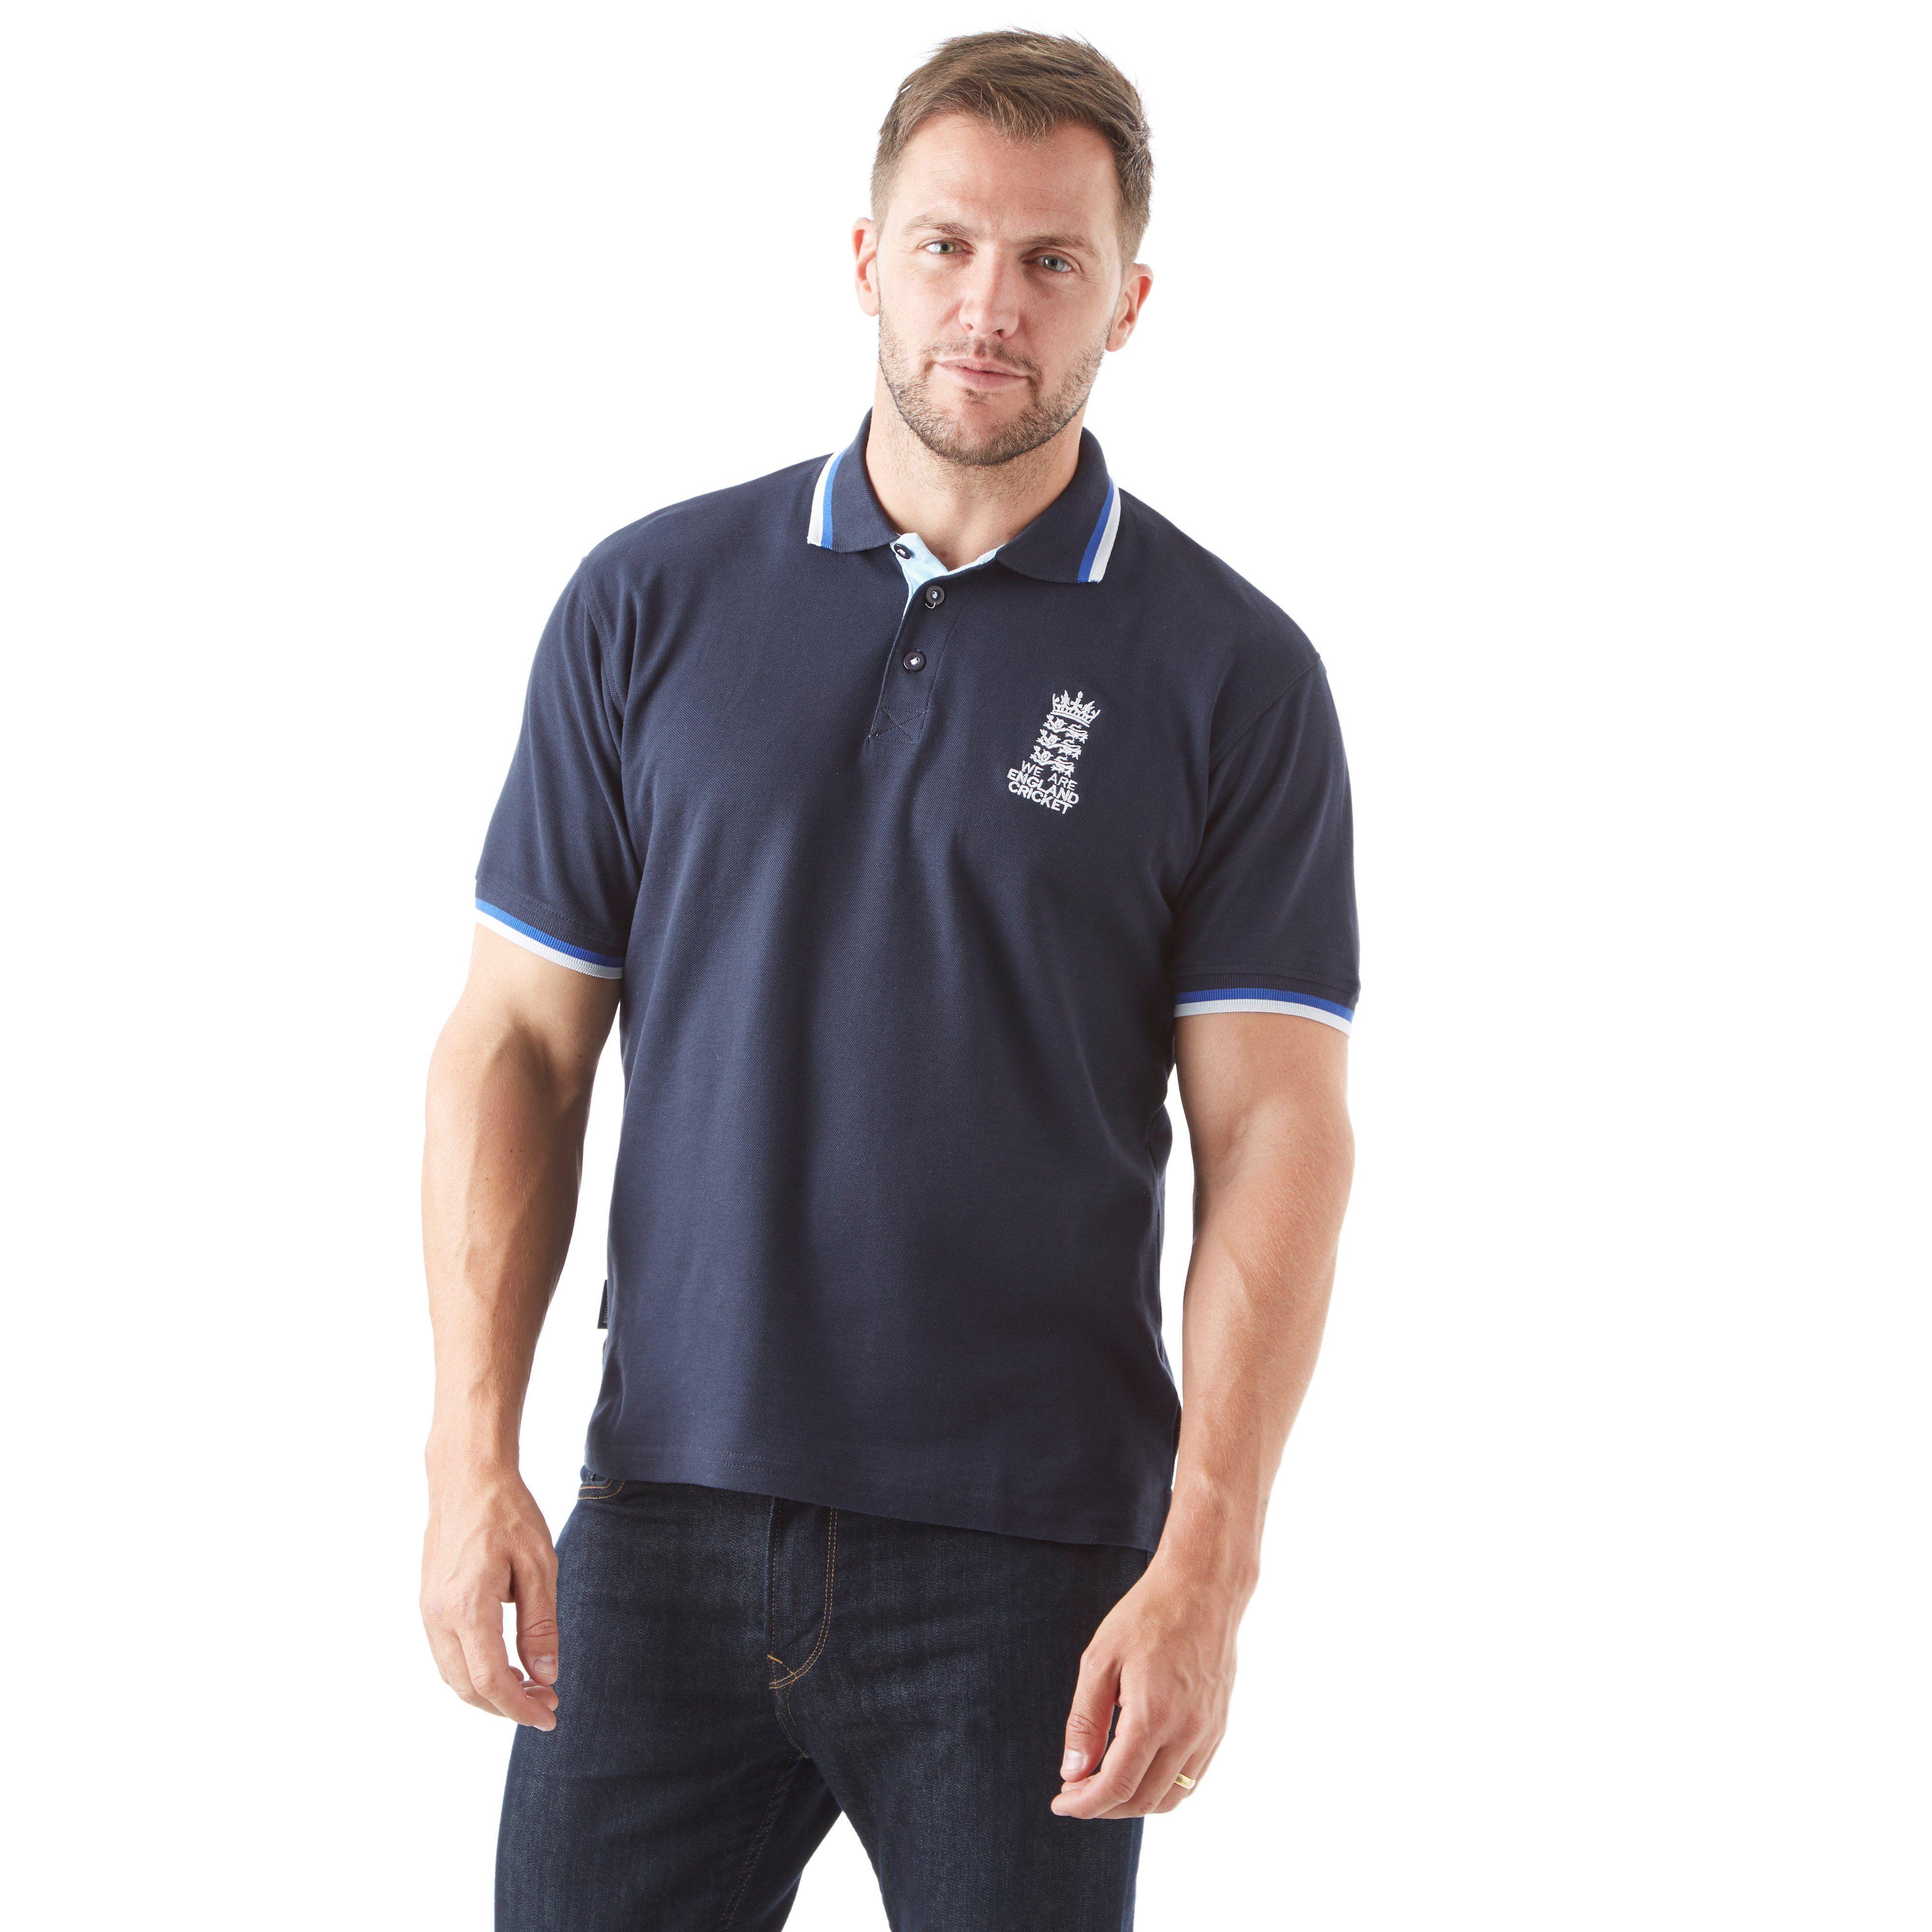 Brandco England Cricket Pique Men's Cricket Polo Shirt